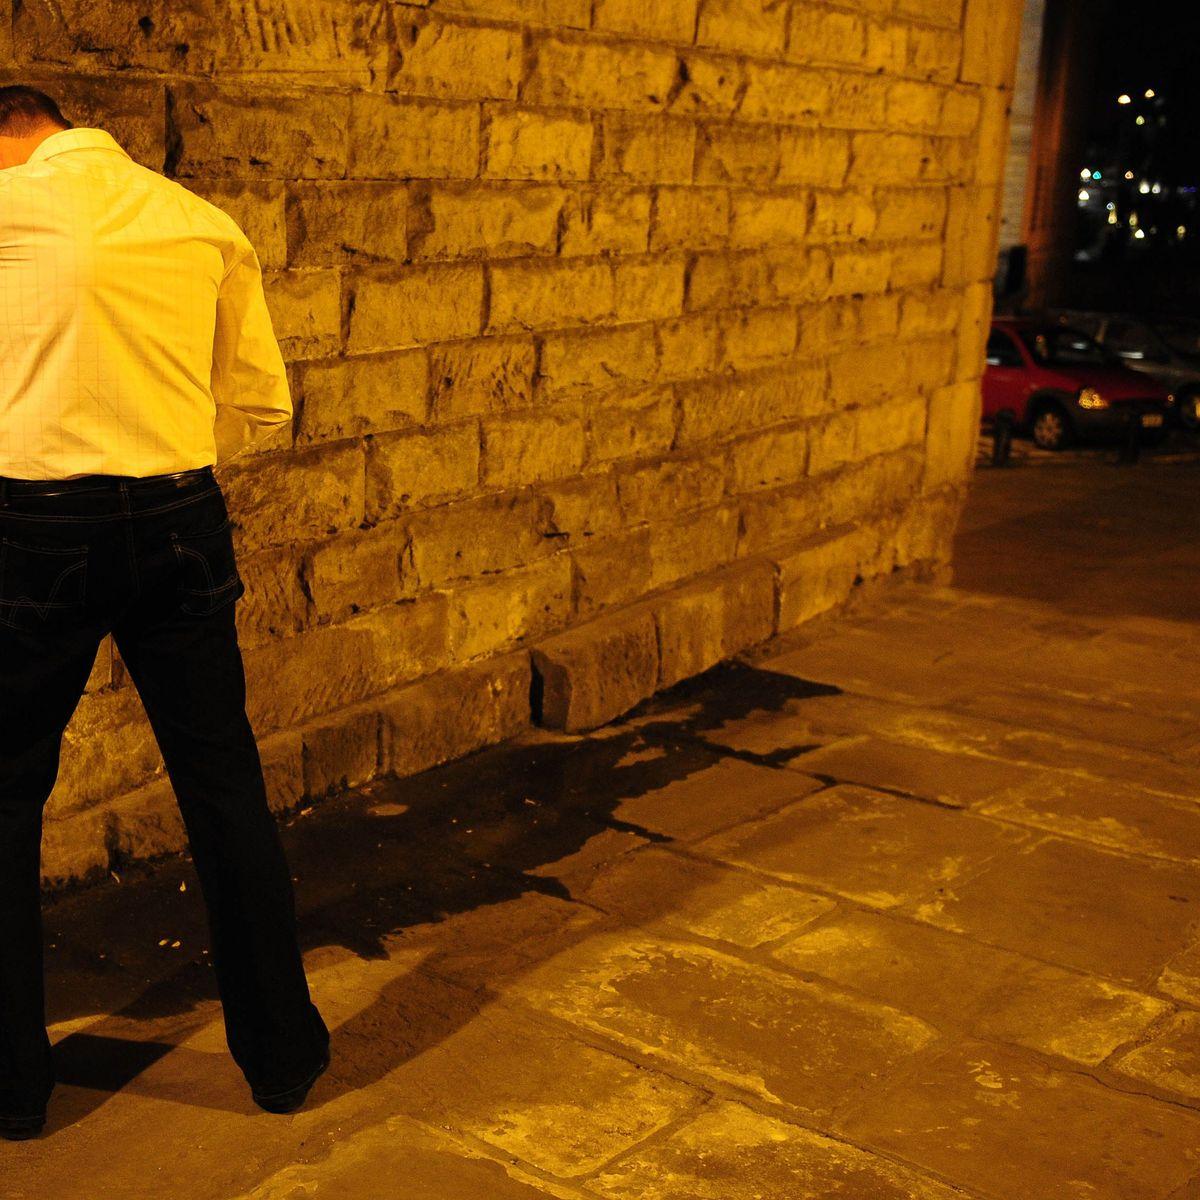 Alkohol Auf Klassenfahrt: Betrunkener Lehrer Fällt Treppe in Alkohol Auf Klassenfahrt Konsequenzen